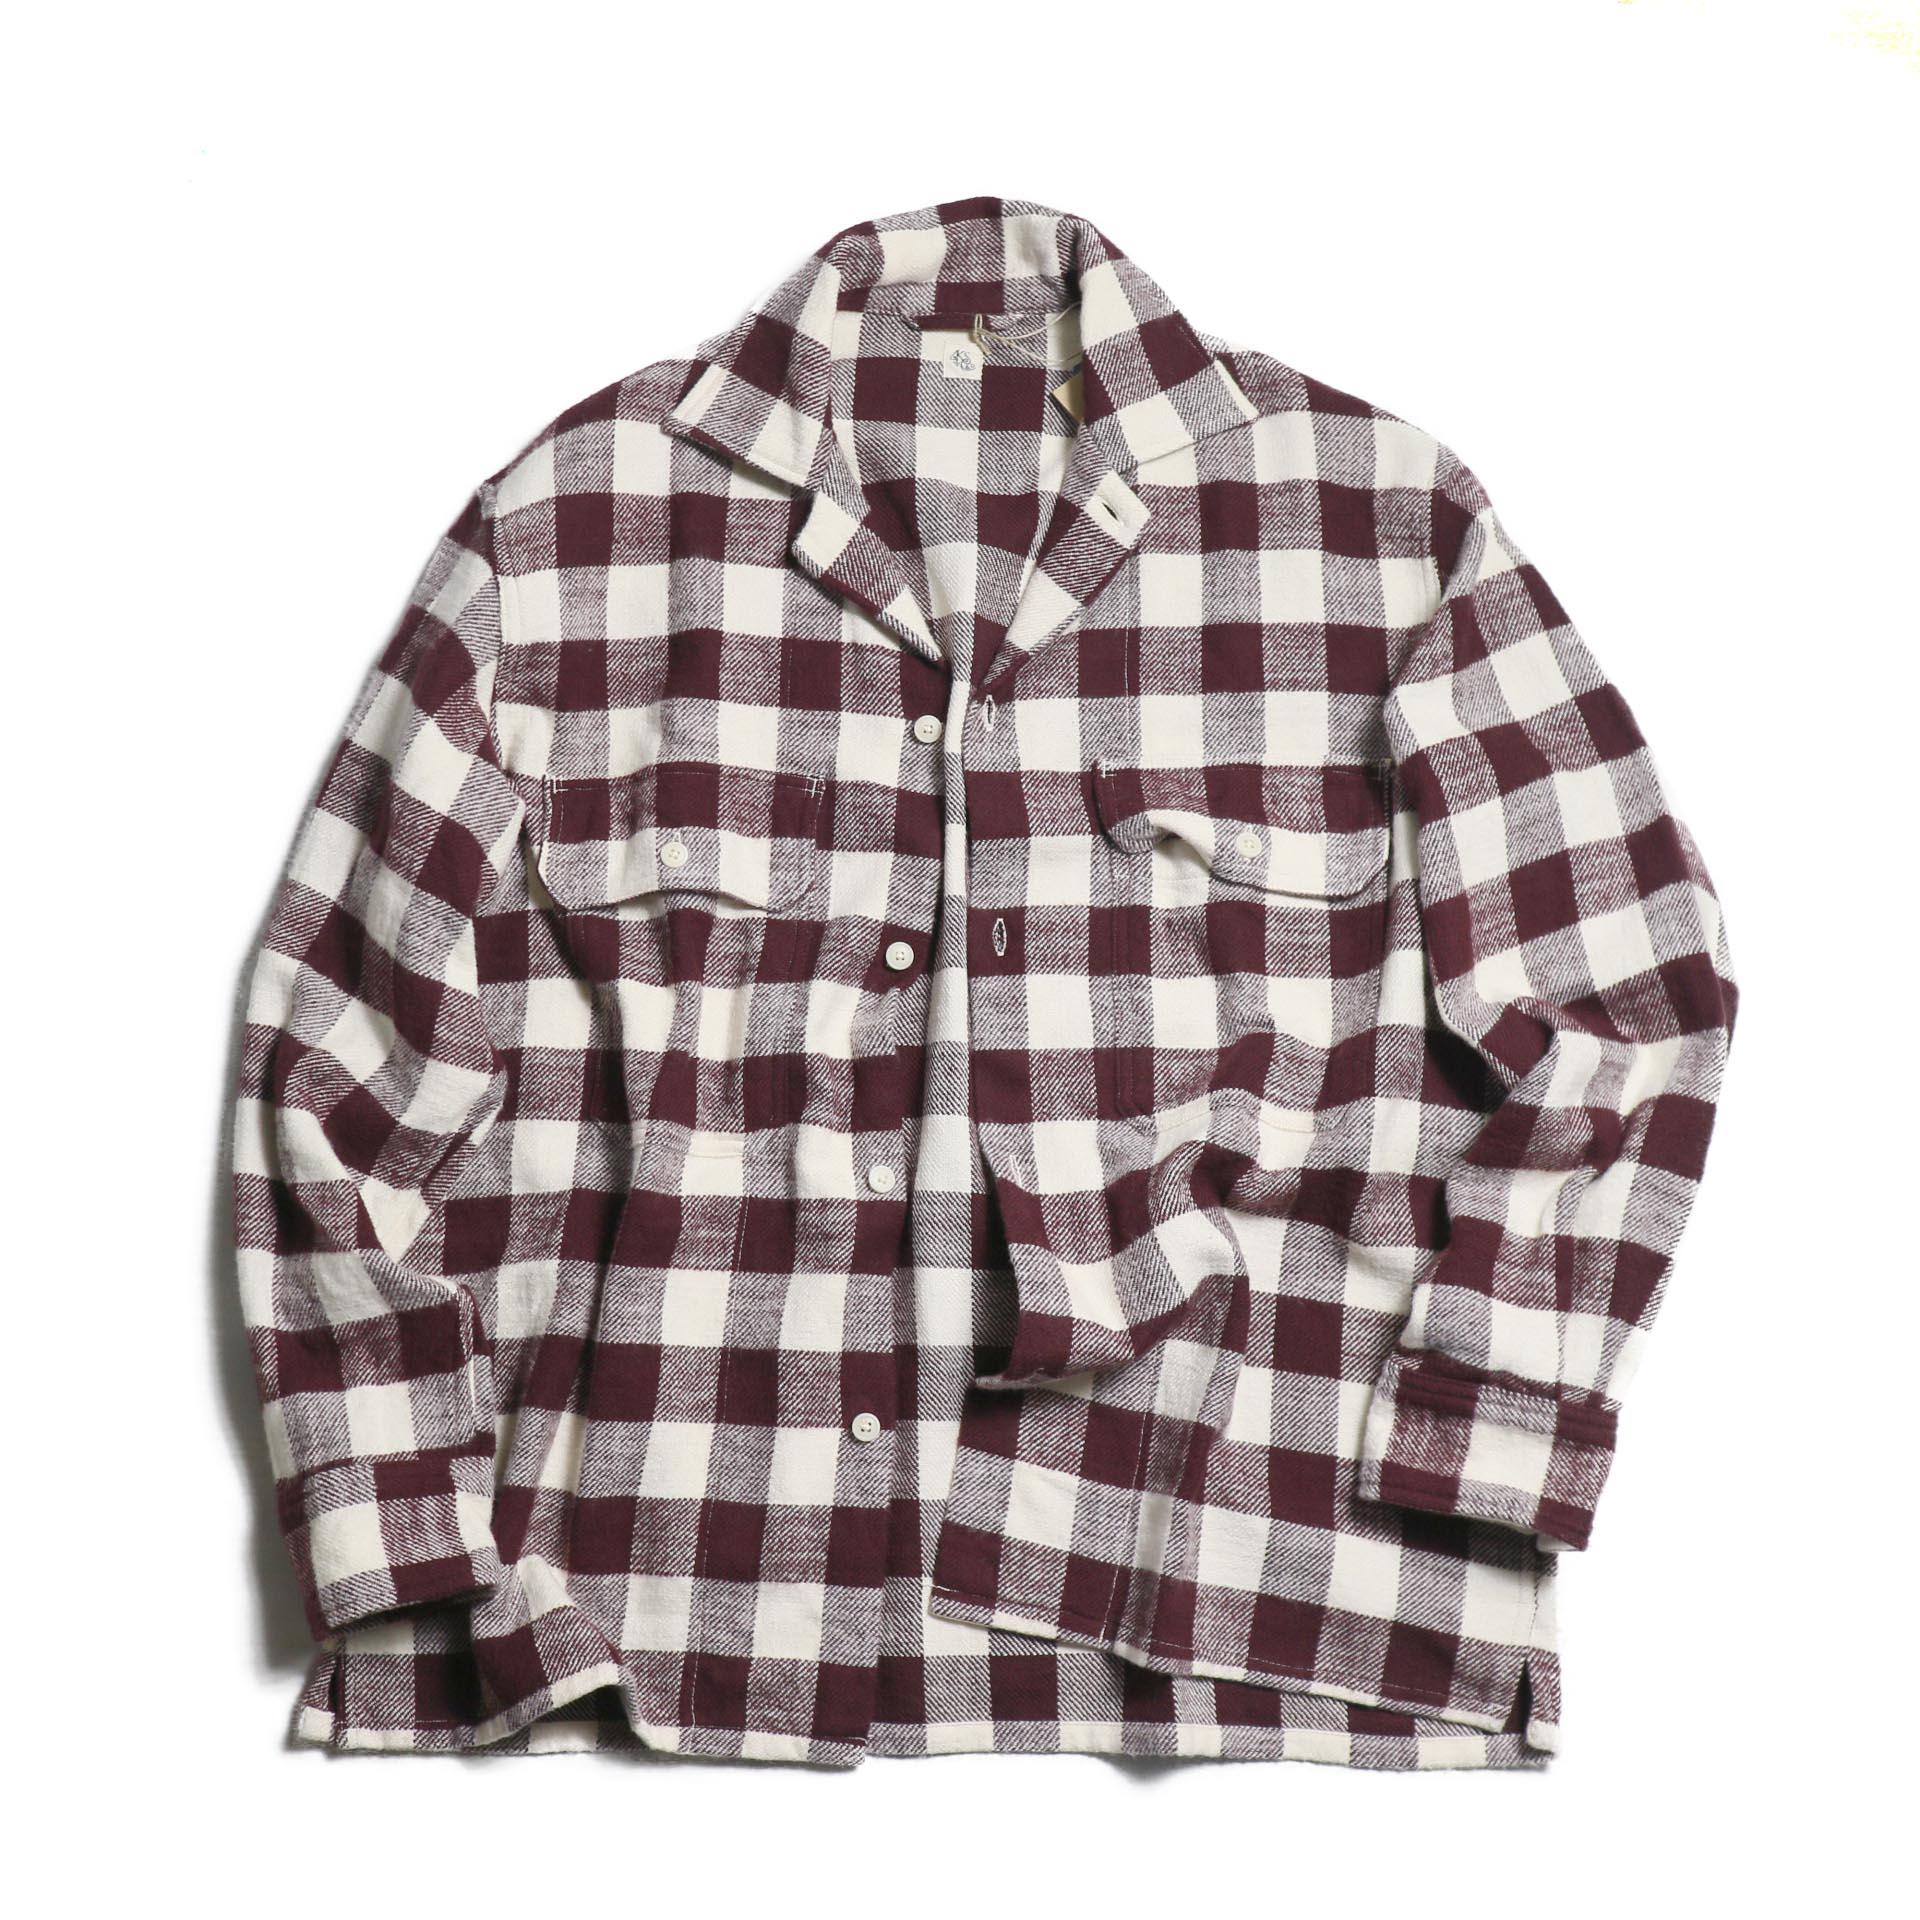 Kaptain Sunshine / Open Collar Shirt -BURGUNDY